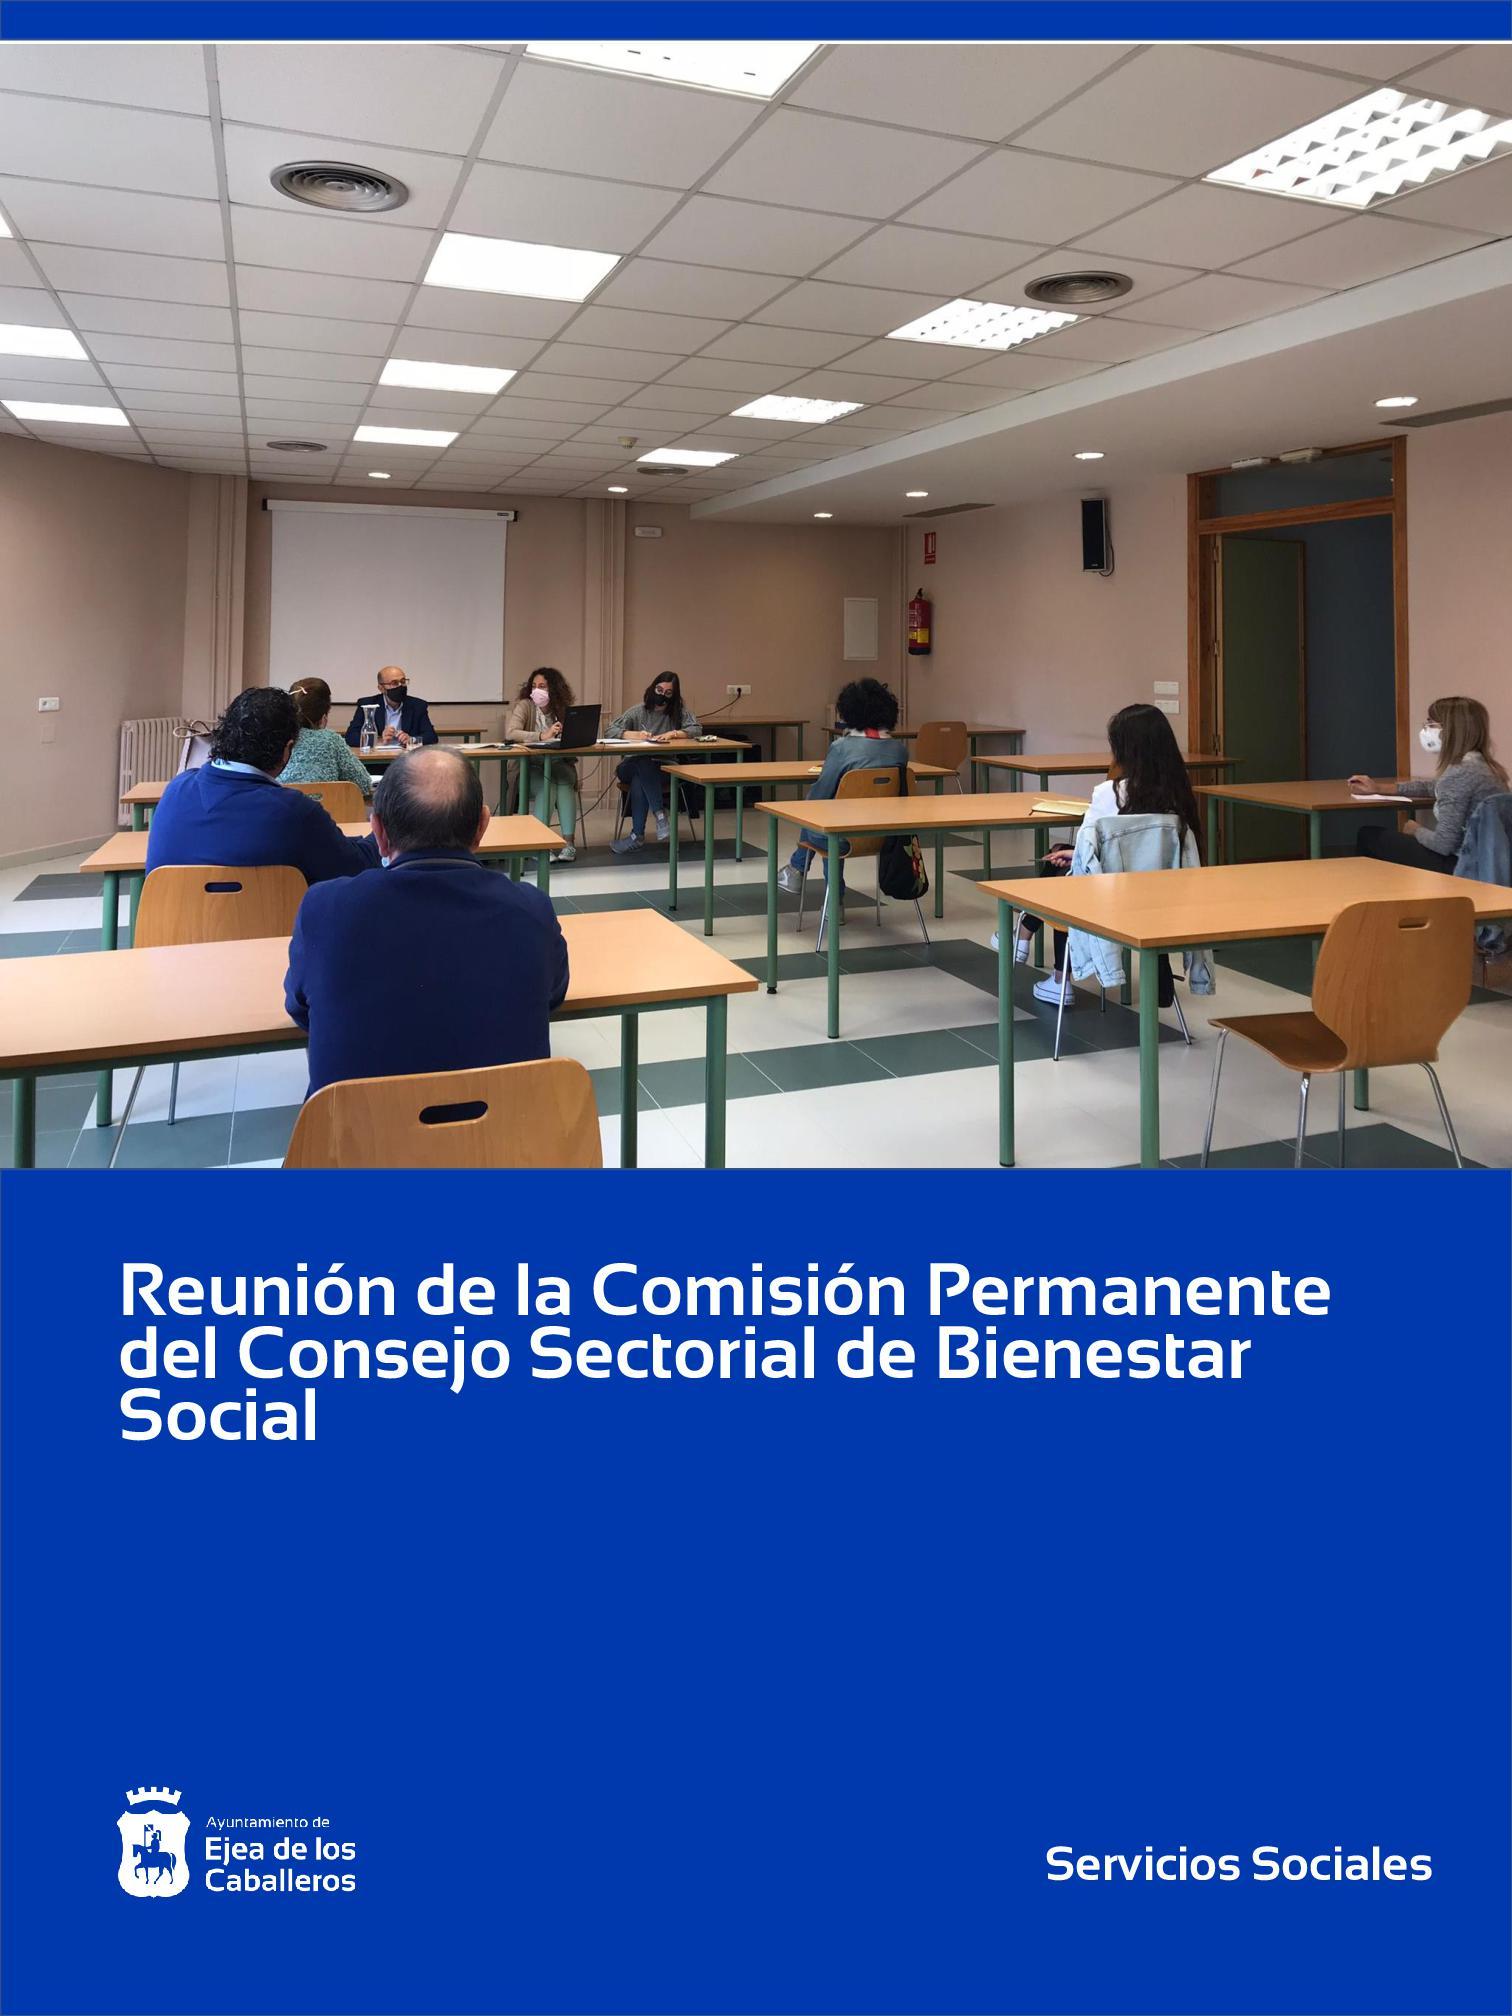 En este momento estás viendo Reunión de la Comisión Permanente del Consejo Sectorial de Bienestar Social de Ejea